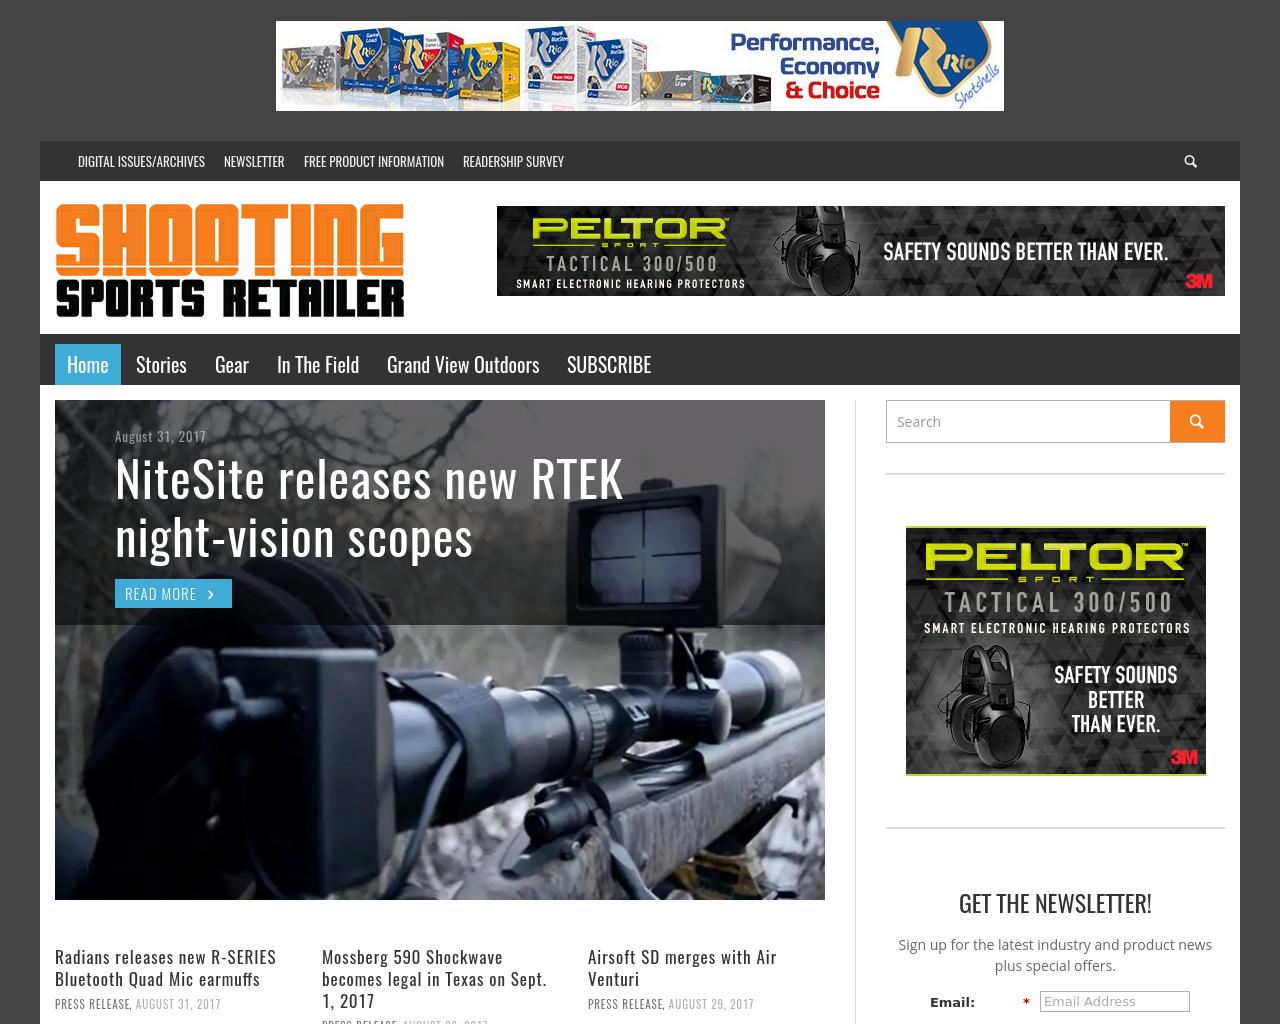 SHOOTING-SPORTS-RETAILER-Advertising-Reviews-Pricing